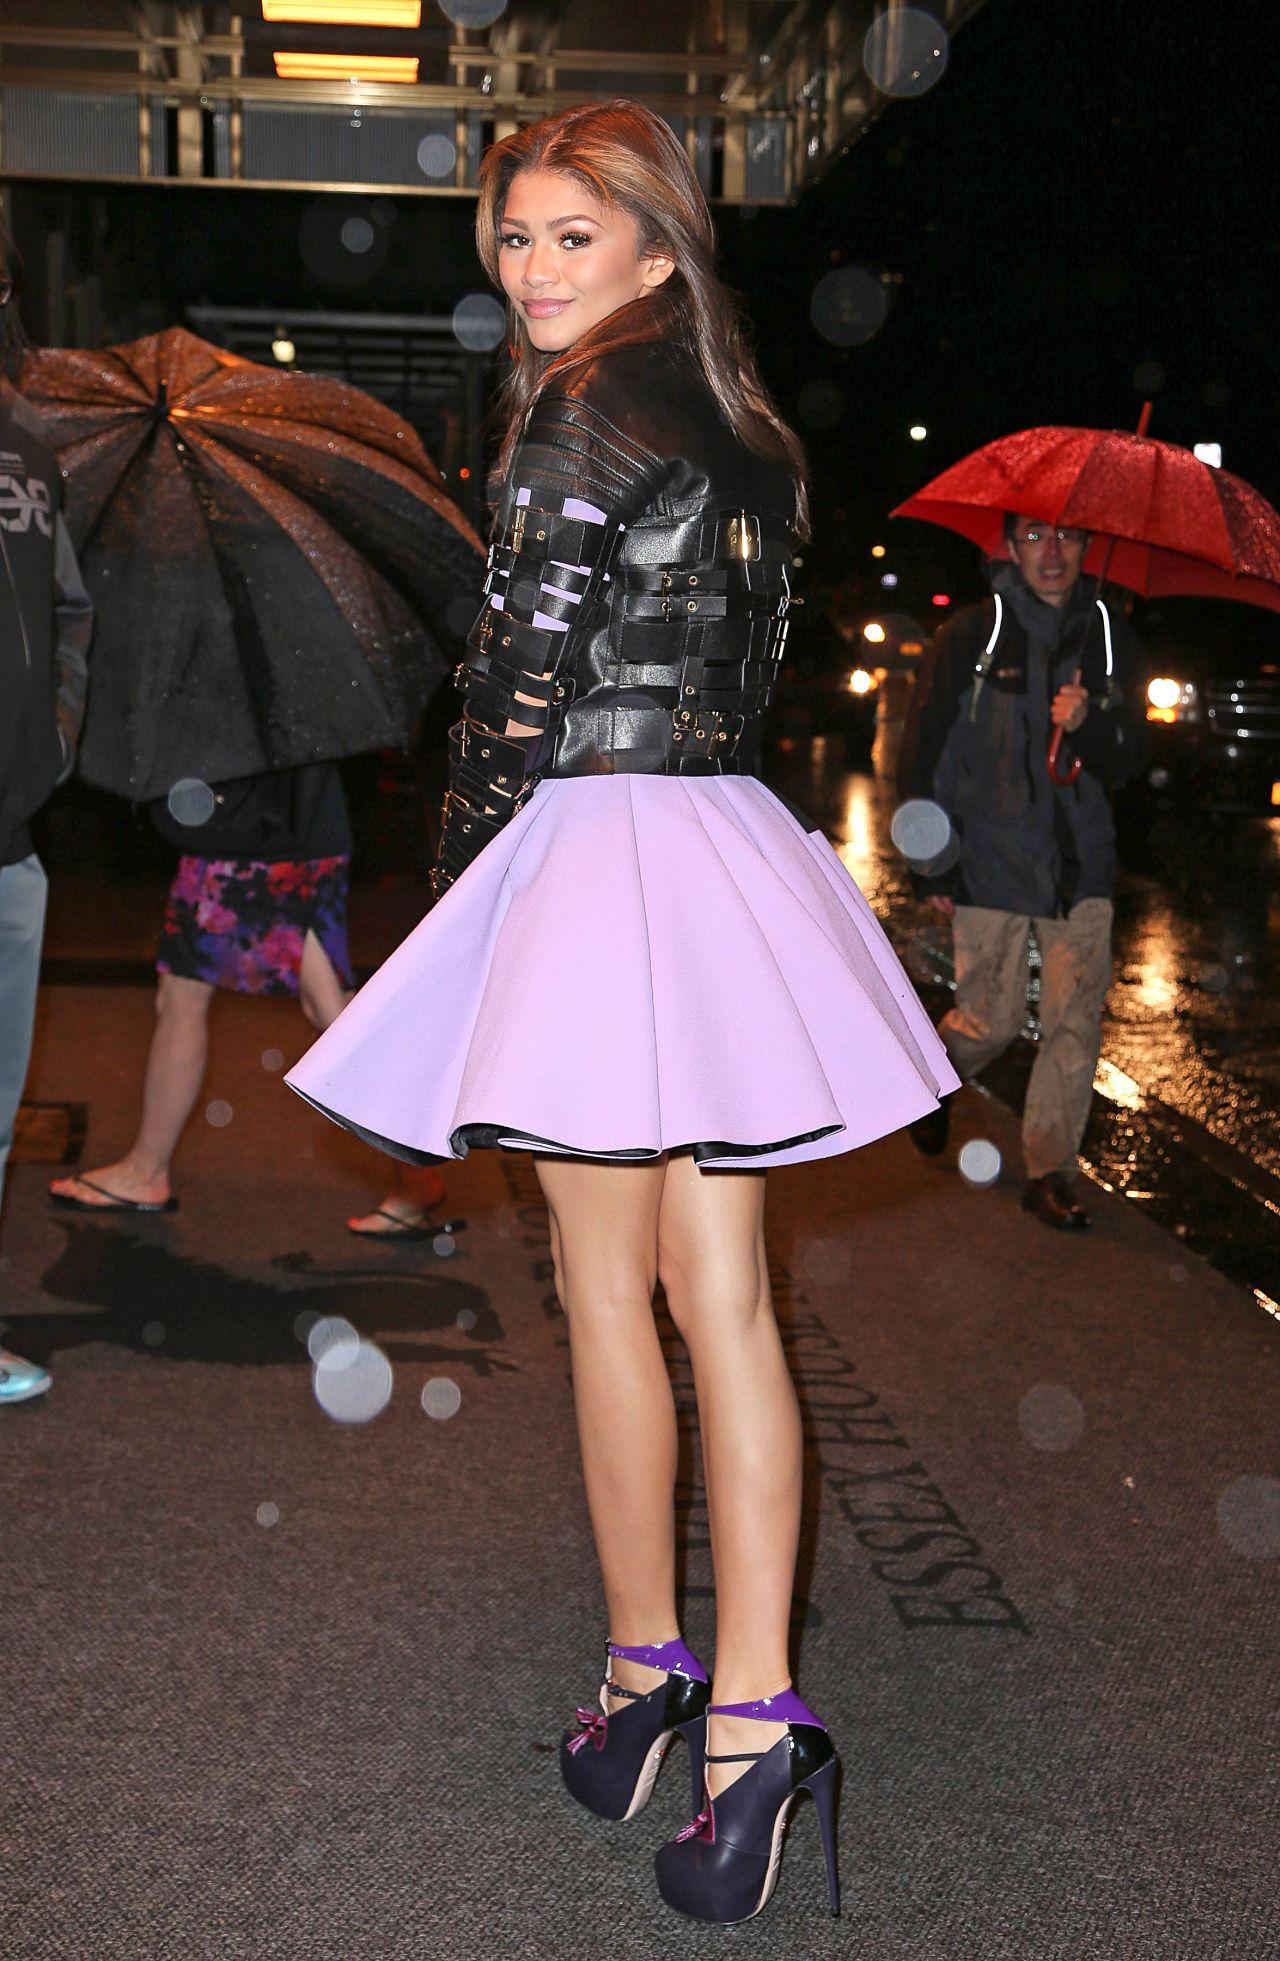 zendaya-coleman-leggy-in-mini-skirt-going-to-dinner-in-new-york-city-april-2014_1